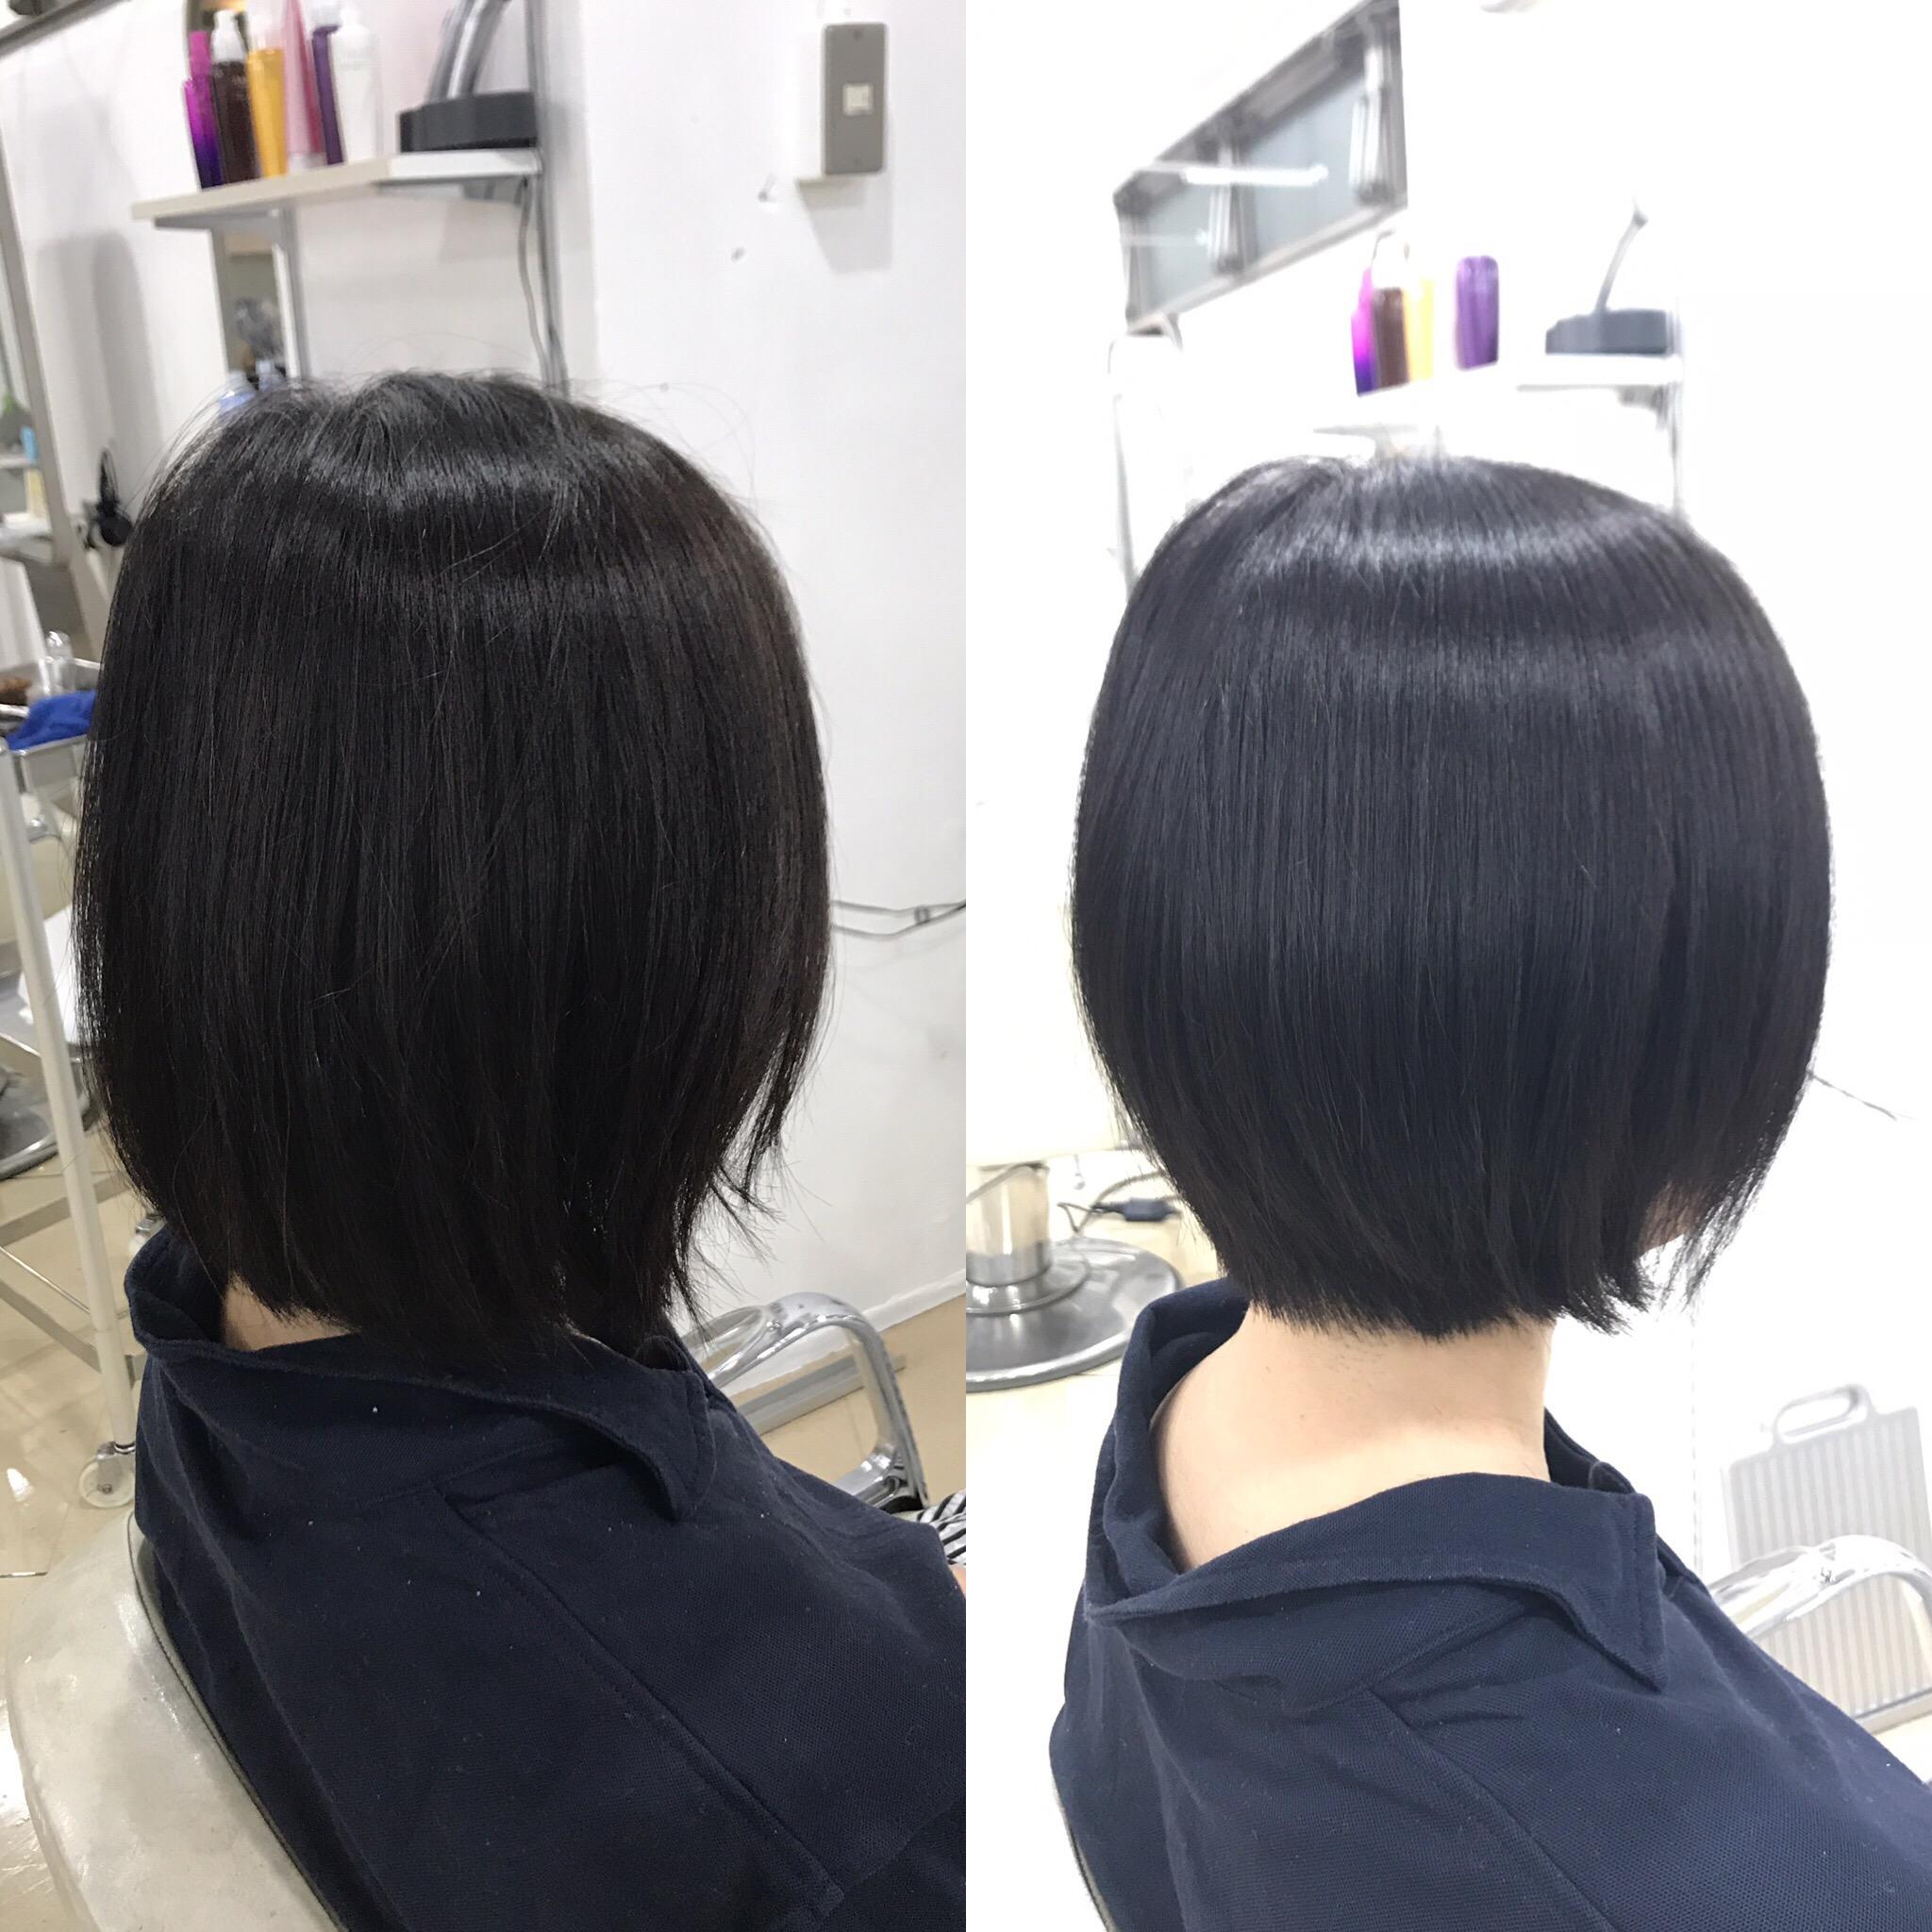 髪質改善で梅雨を乗り切り、陽射しの強い夏に備える。ダメージ戻しとトリートメントのヘアケアも^ ^